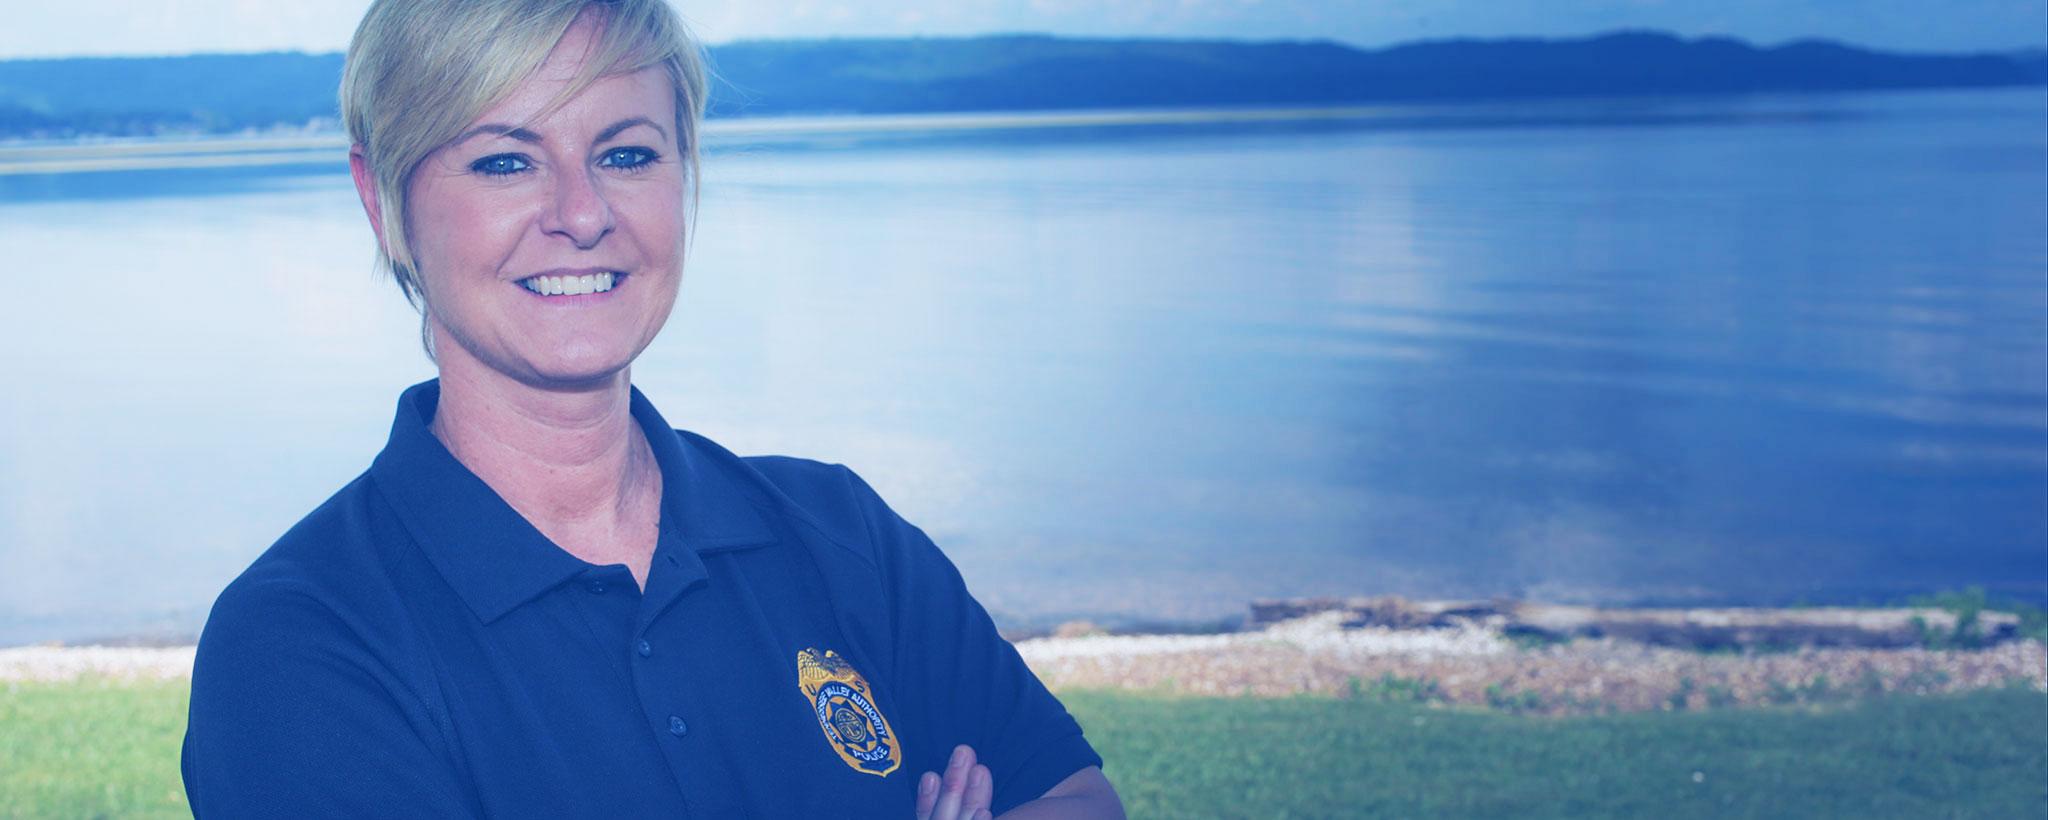 TVA-Police-Female